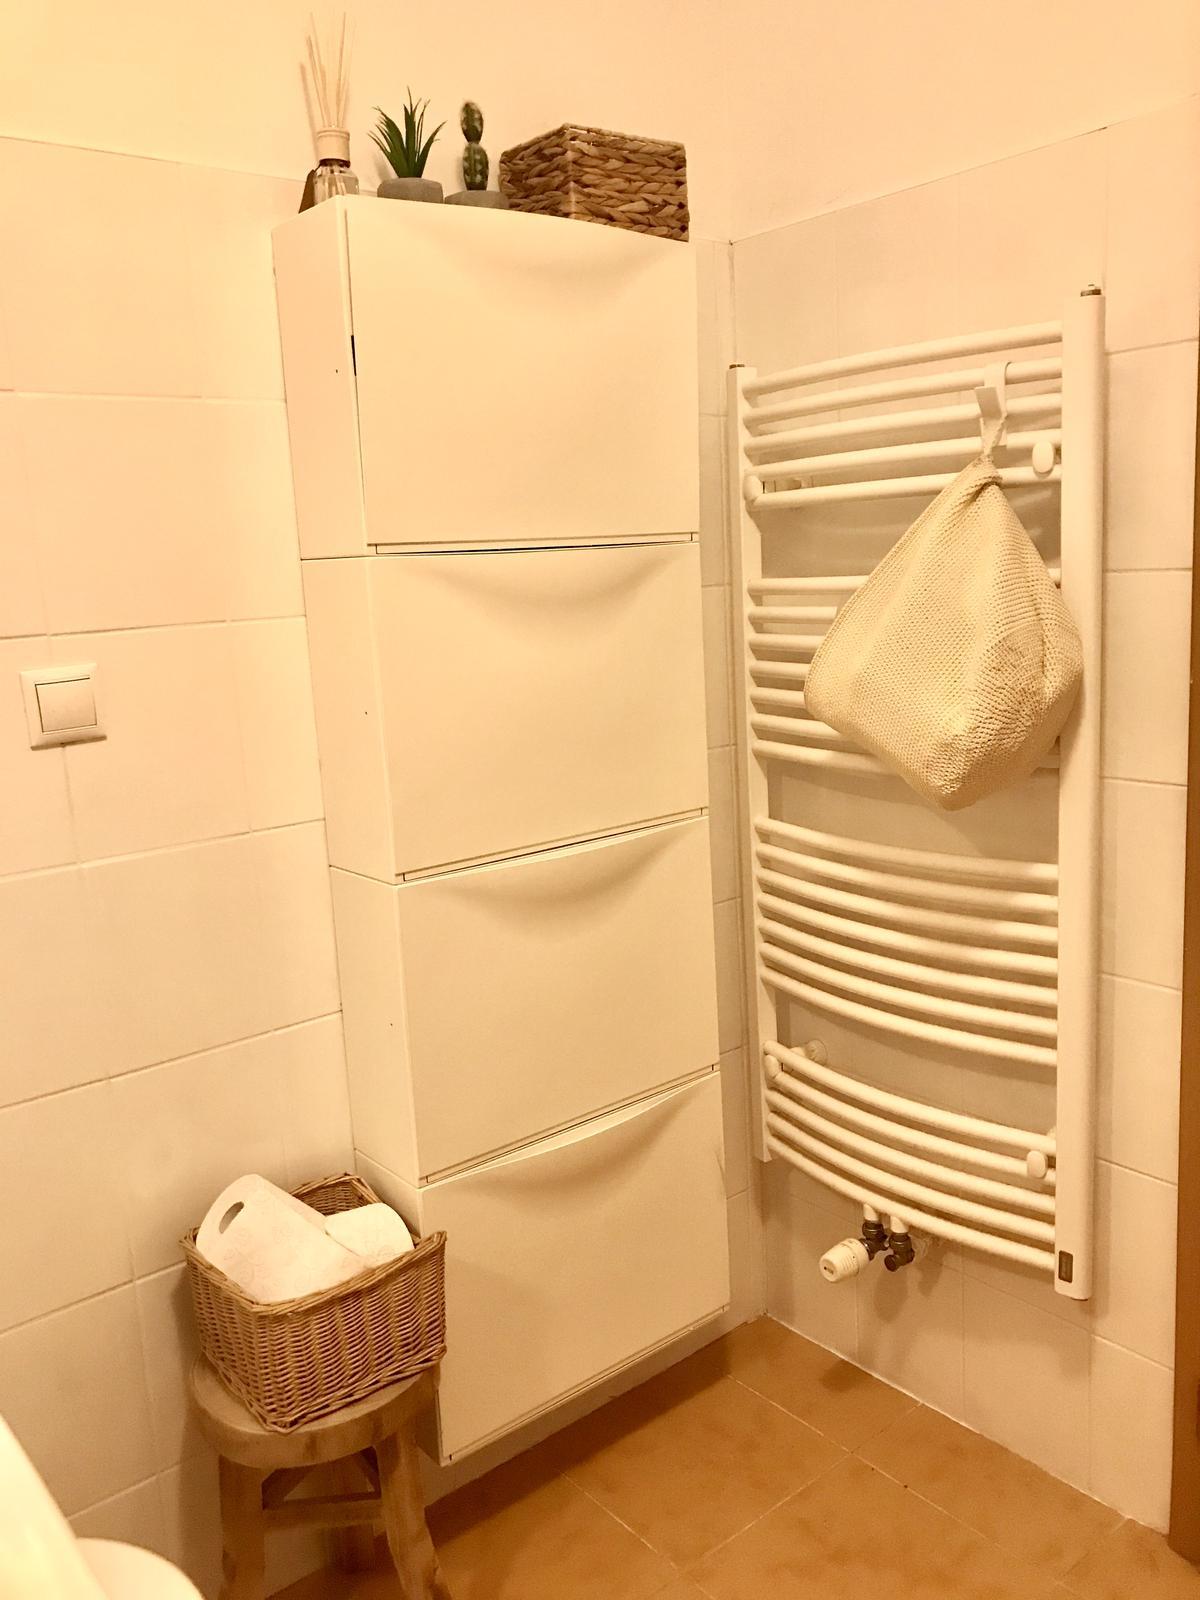 Z příšerné koupelny tvořím trochu lepší 💪 - Obrázek č. 31